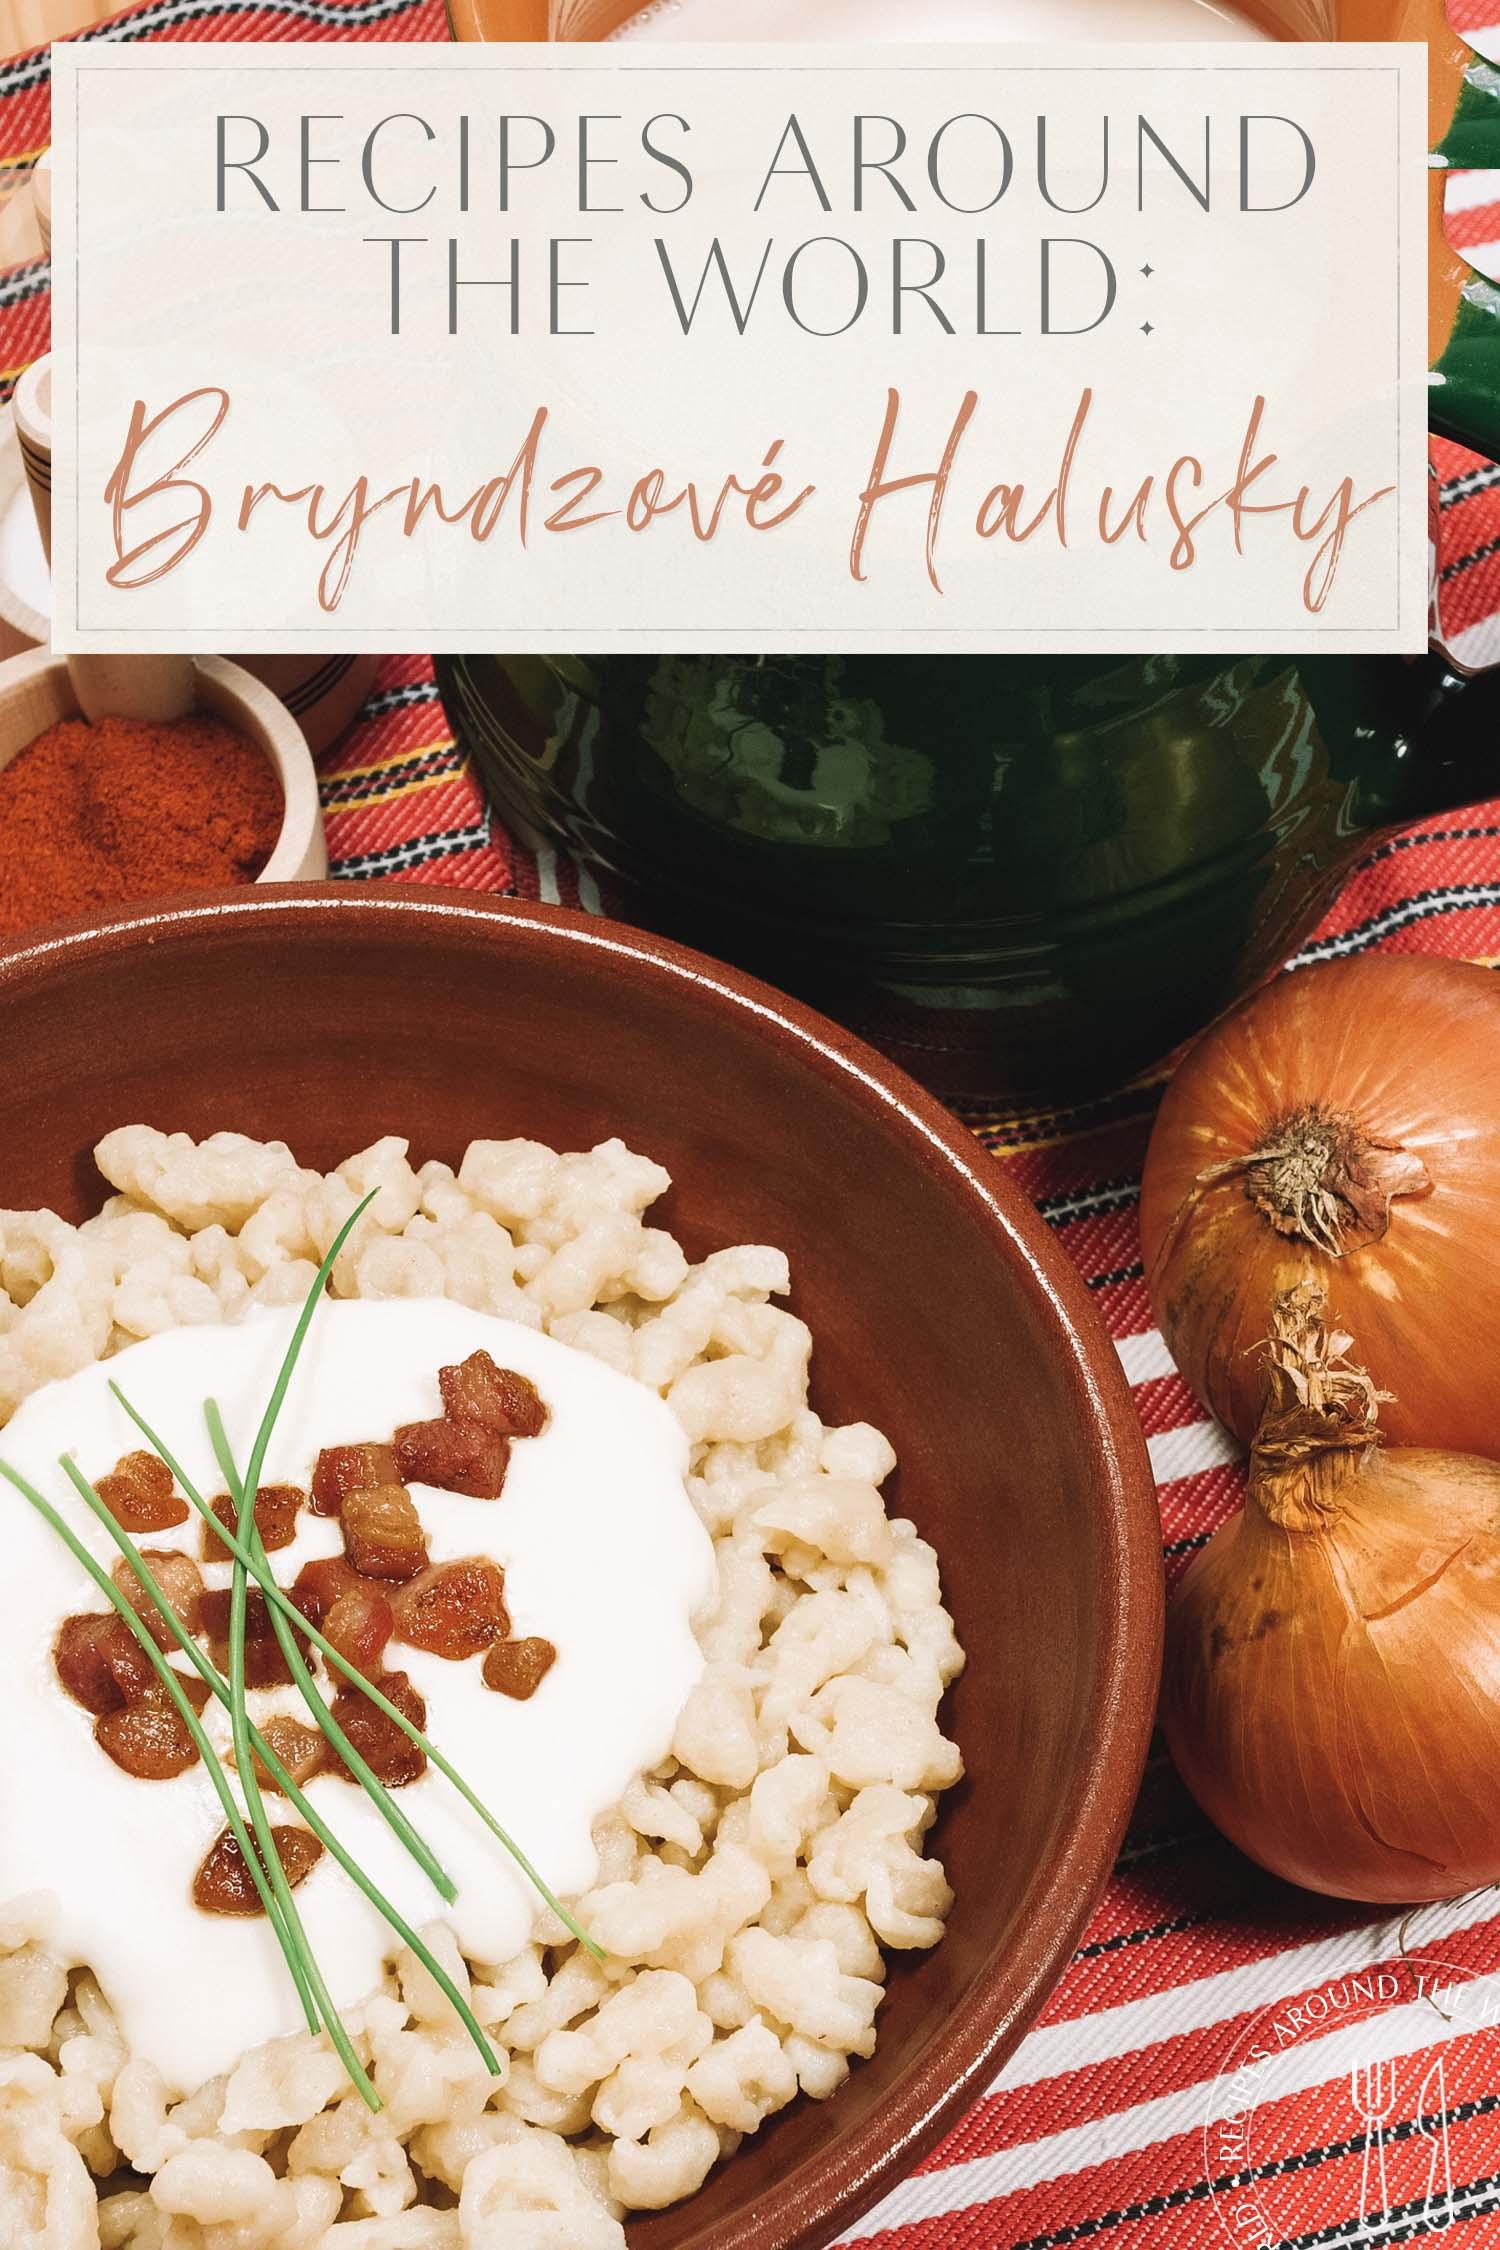 Bryndzove Halusky Header